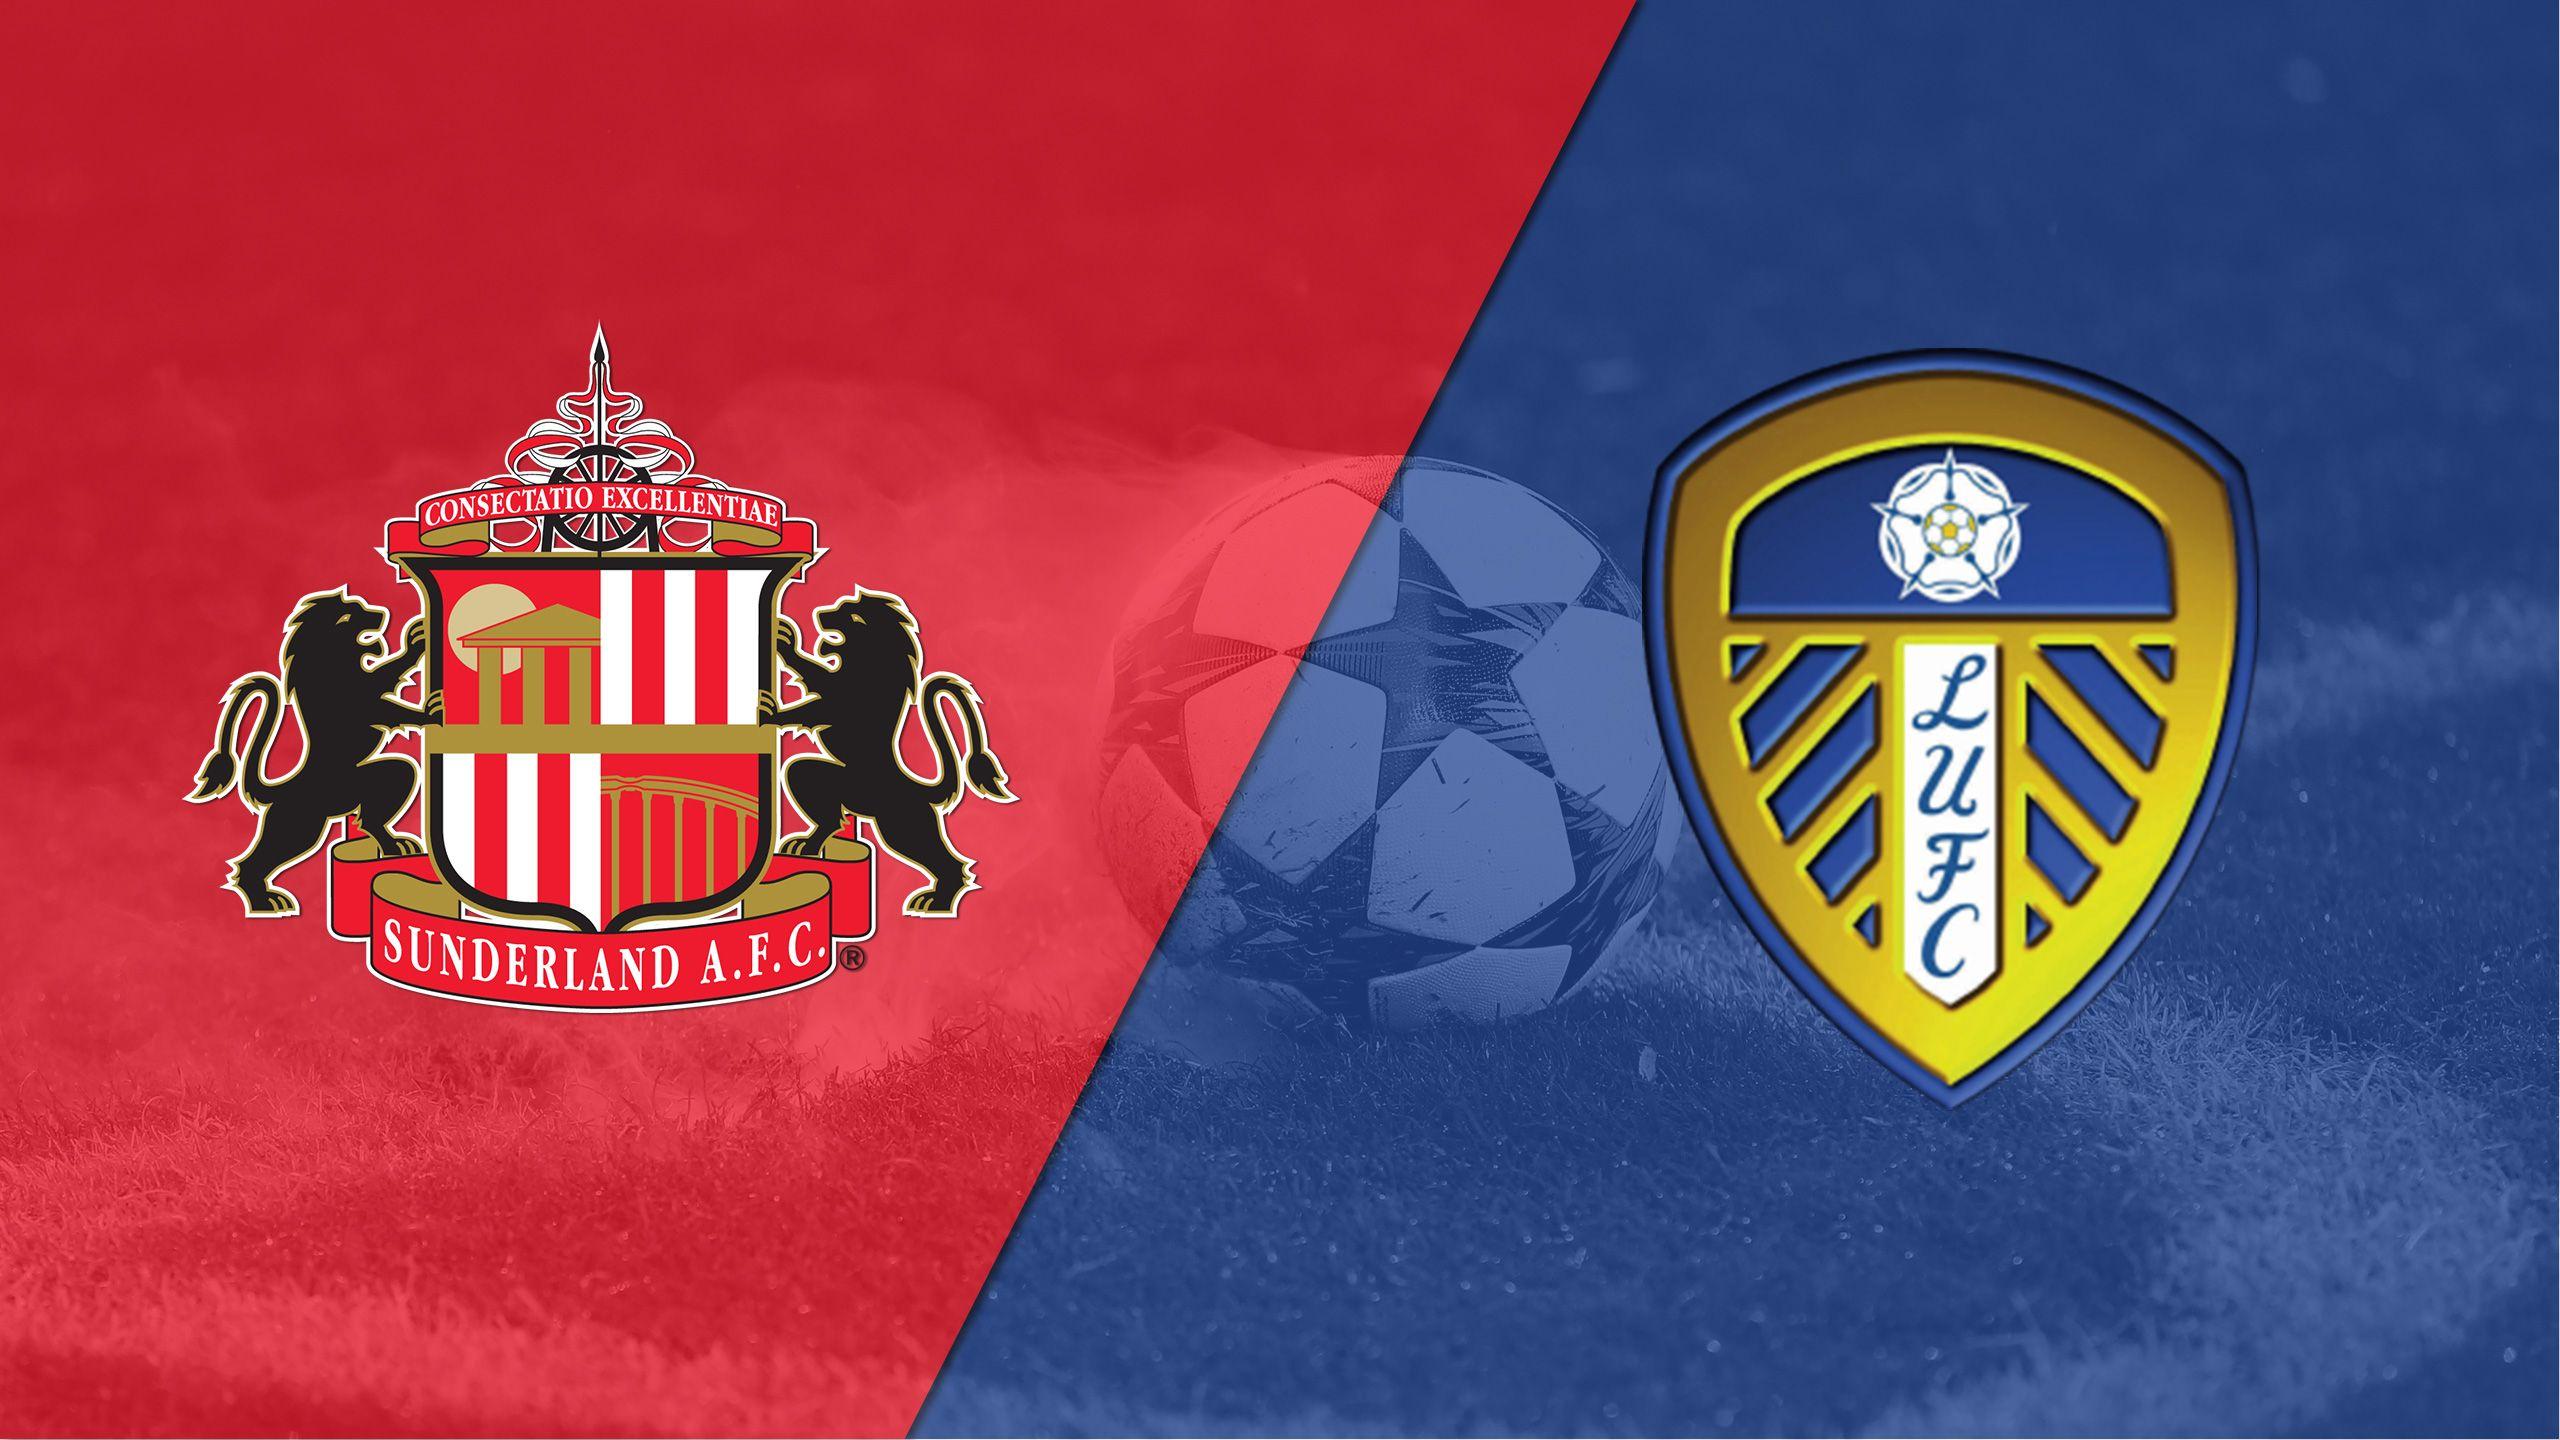 Sunderland vs. Leeds United (English League Championship)